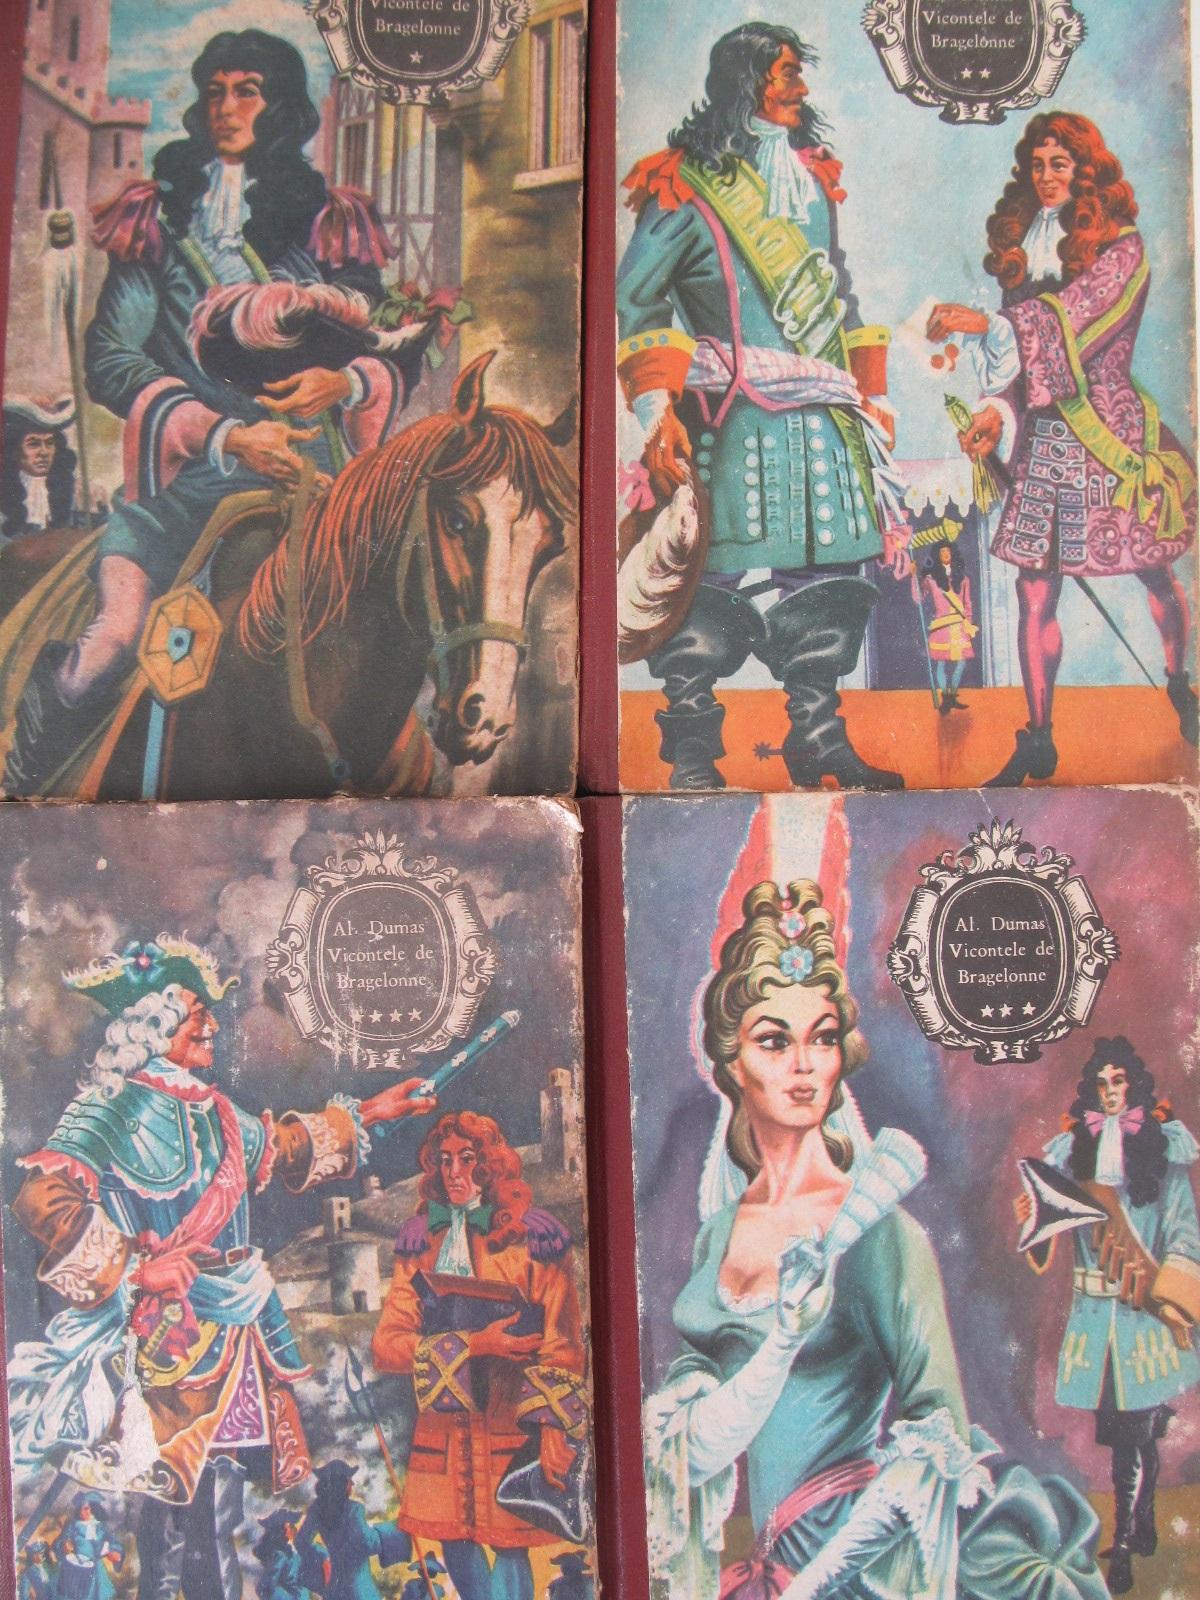 Vicontele de Bragelonne (4 vol.) - Alexandre Dumas | Detalii carte